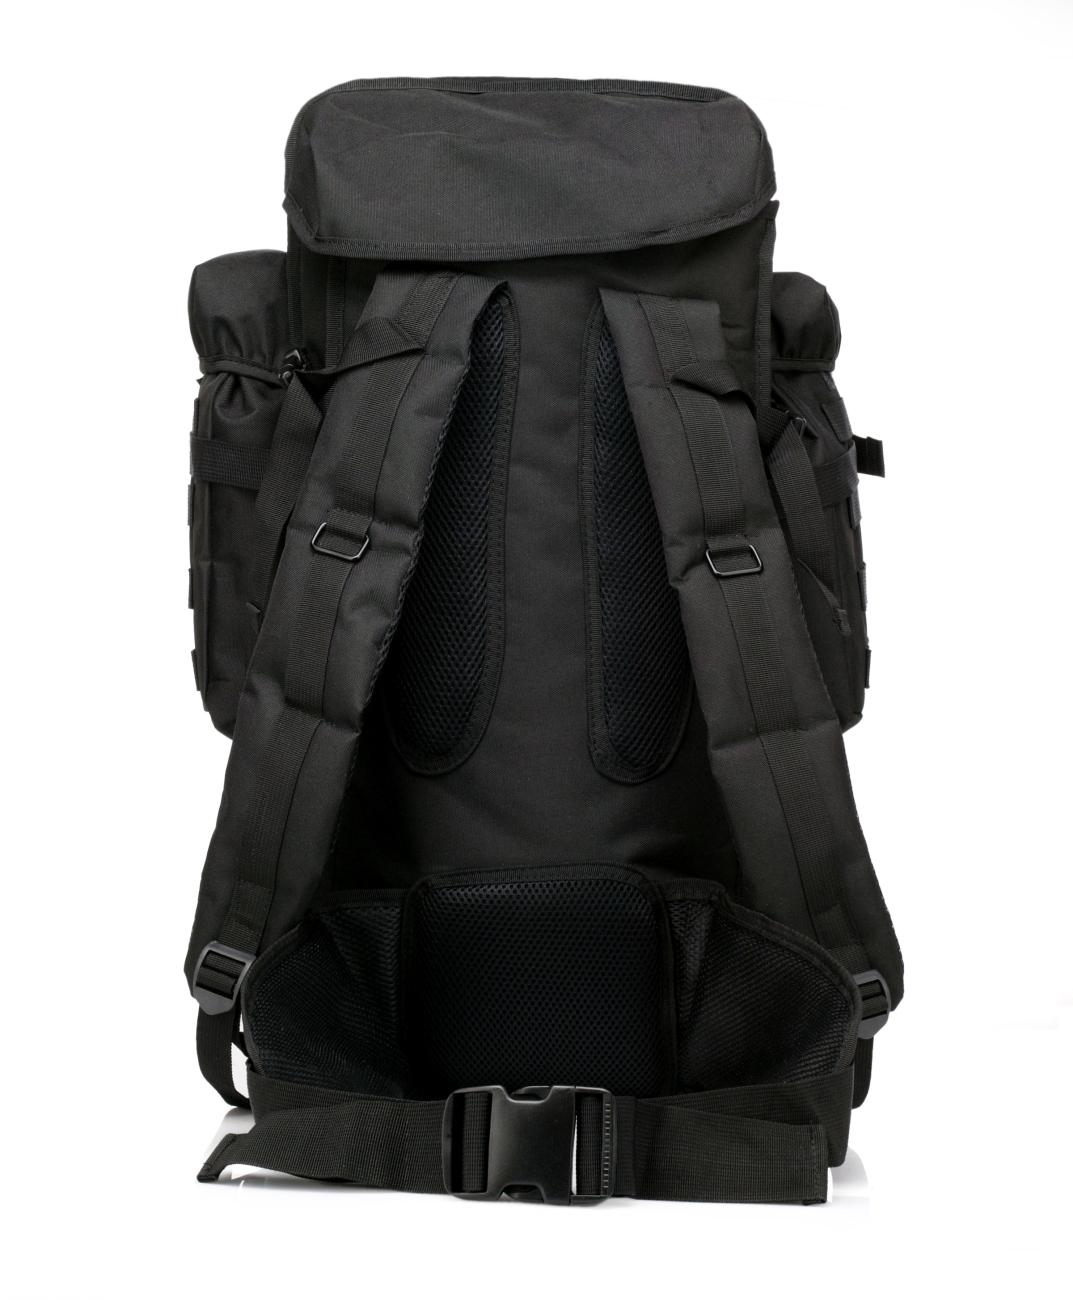 Тактический рюкзак 9.11 с отделением под карабин без переплаты